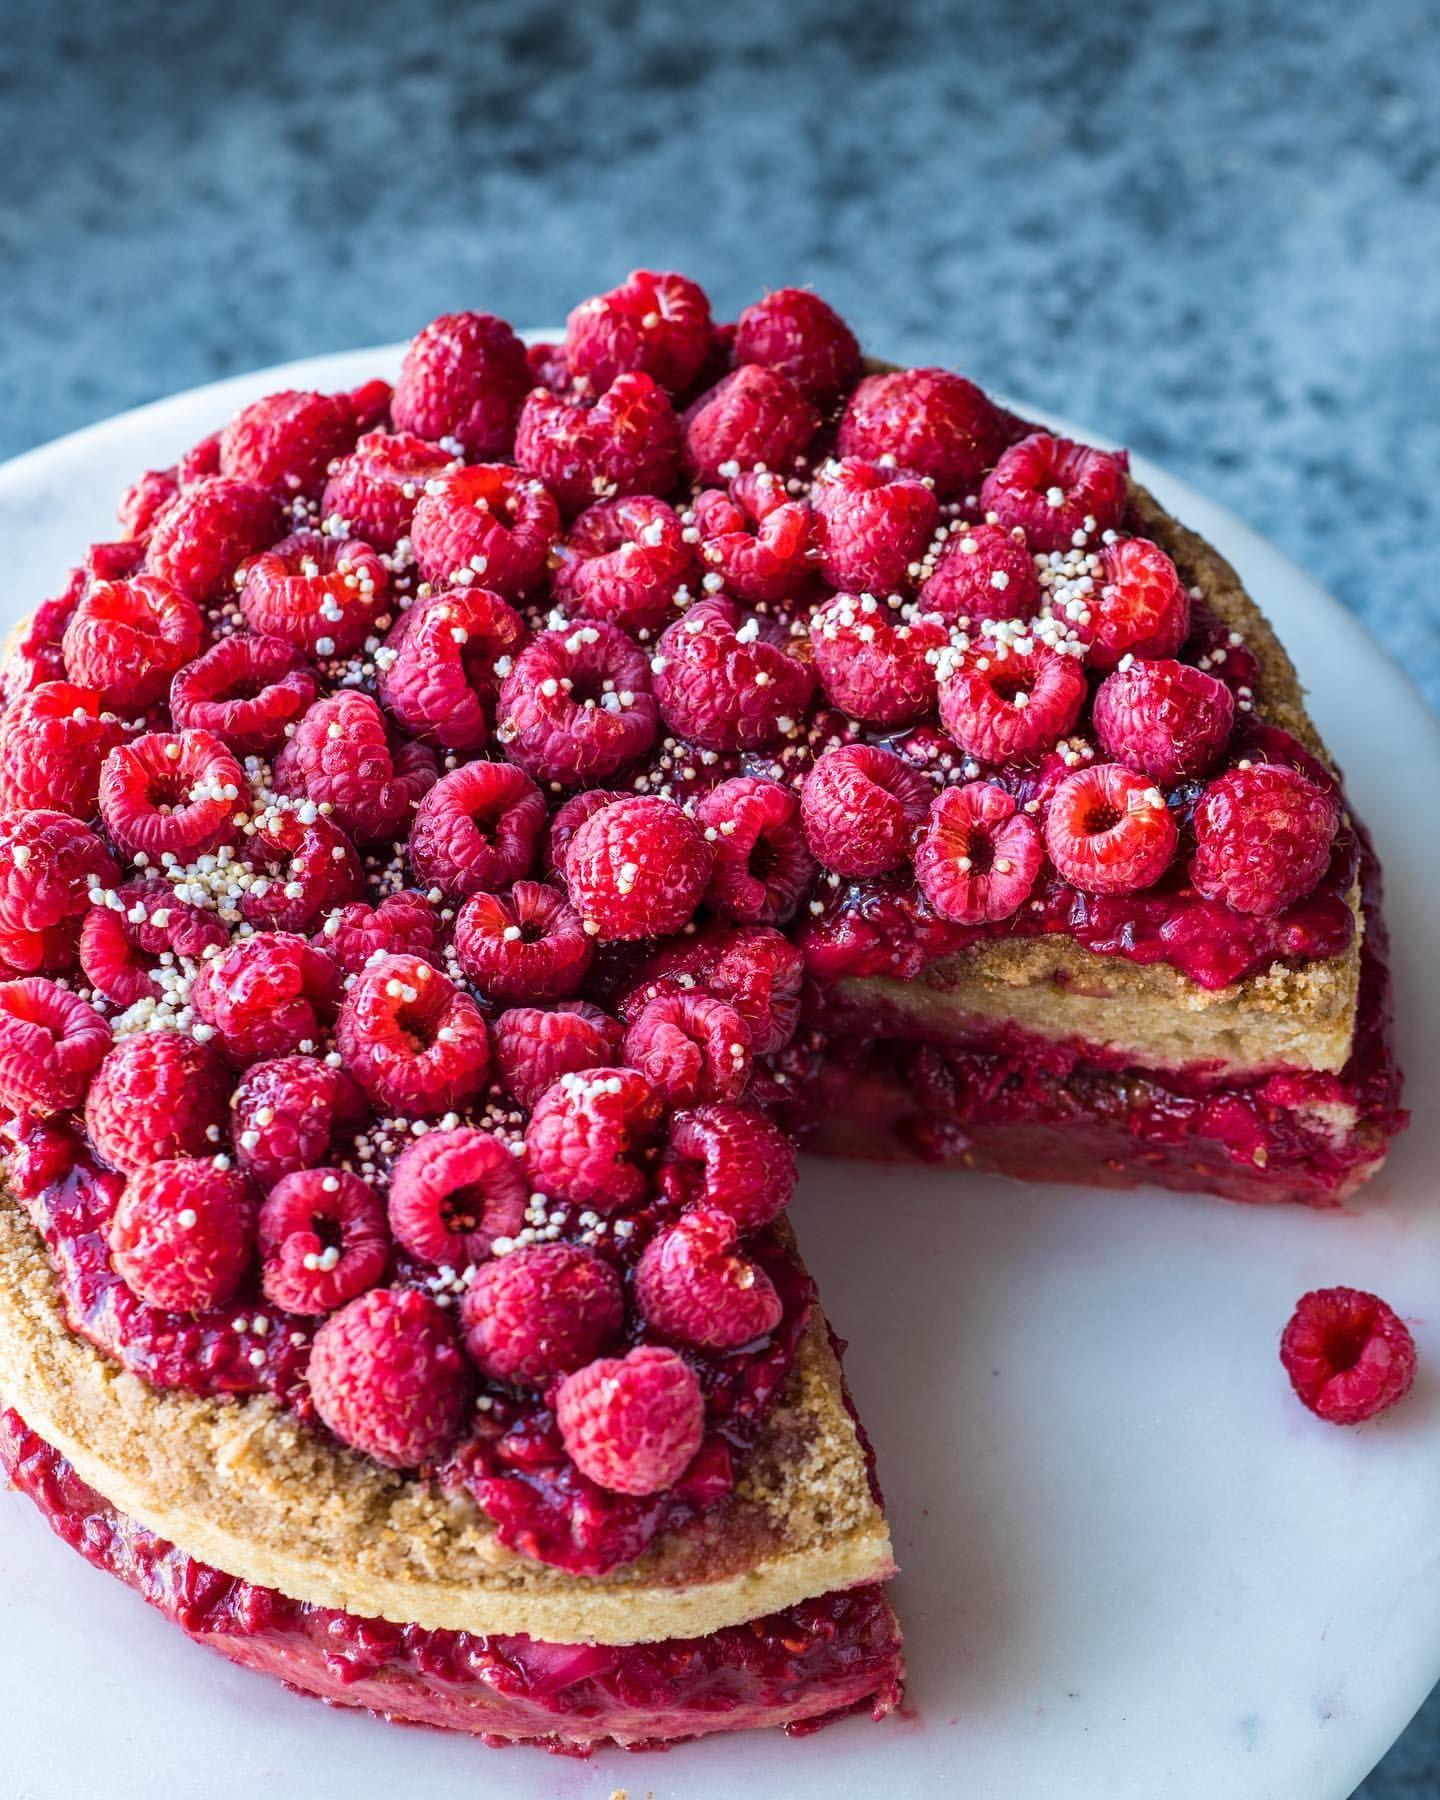 Rhubarb Raspberry Crumble Tart